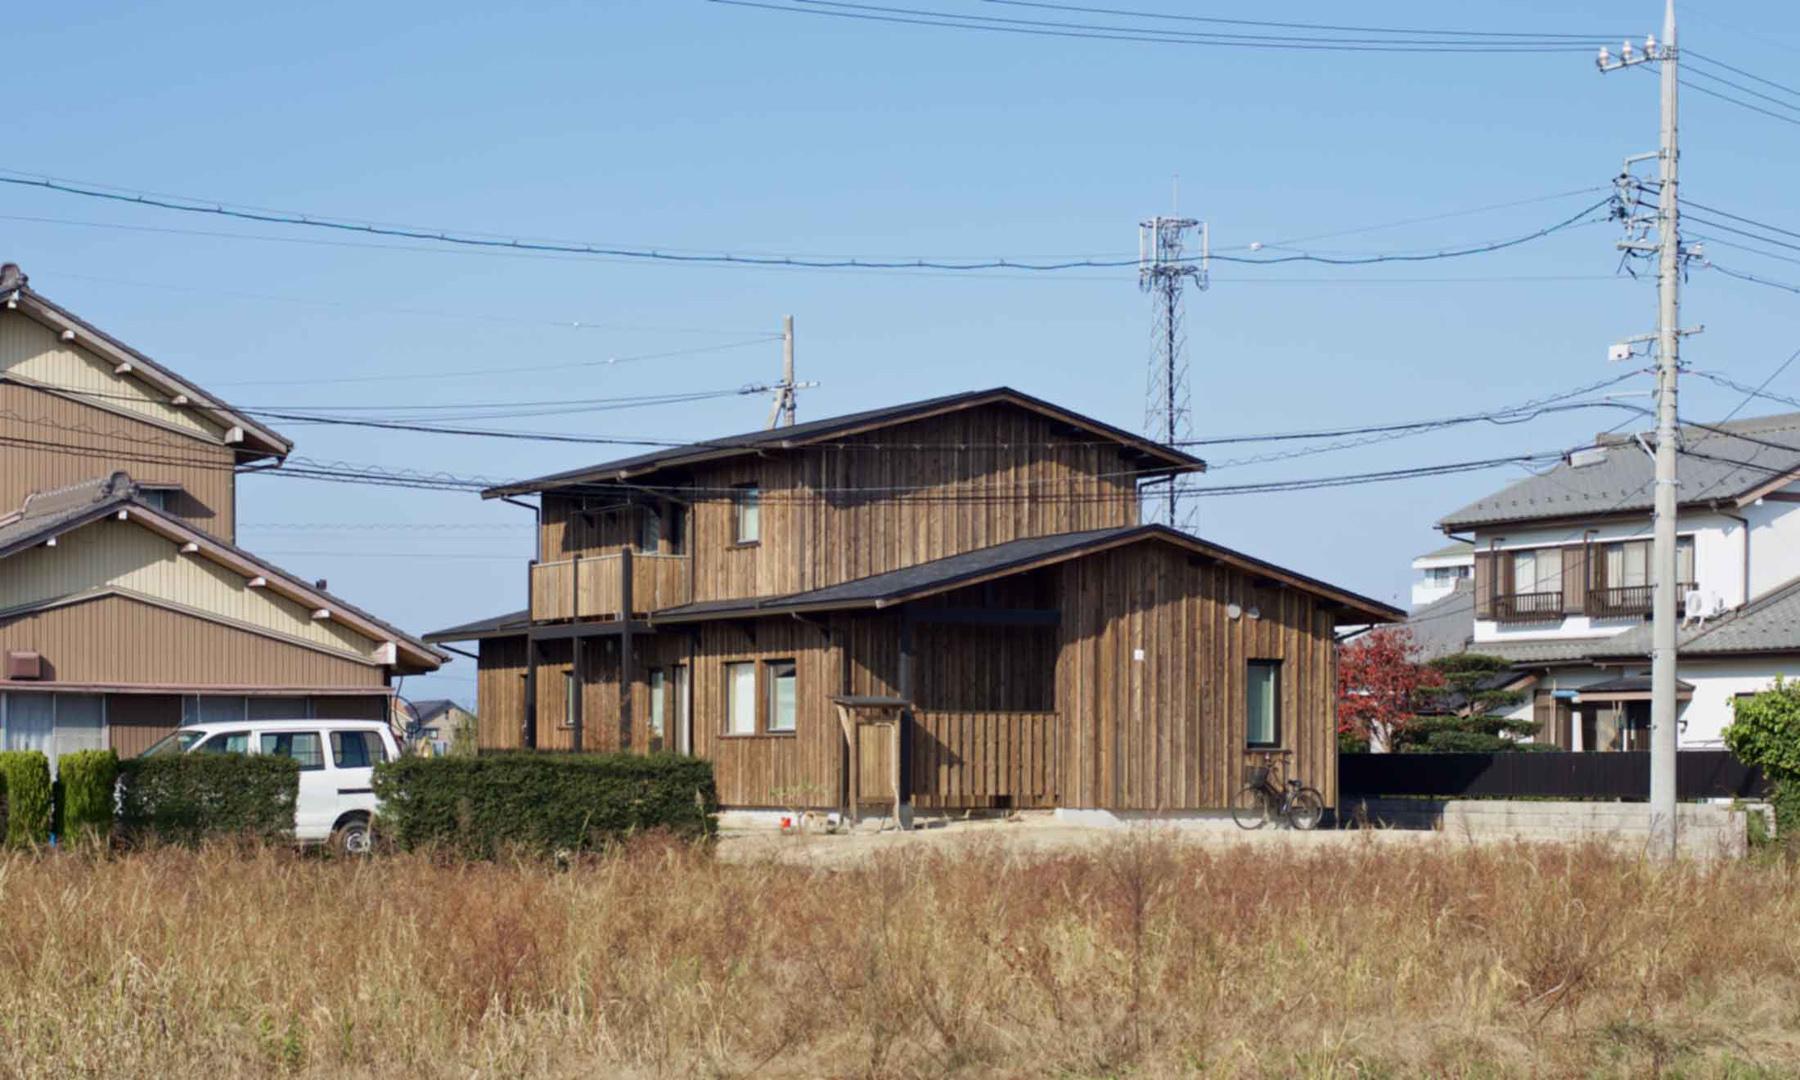 栃木 外観 北の住まい建築研究社 施行事例